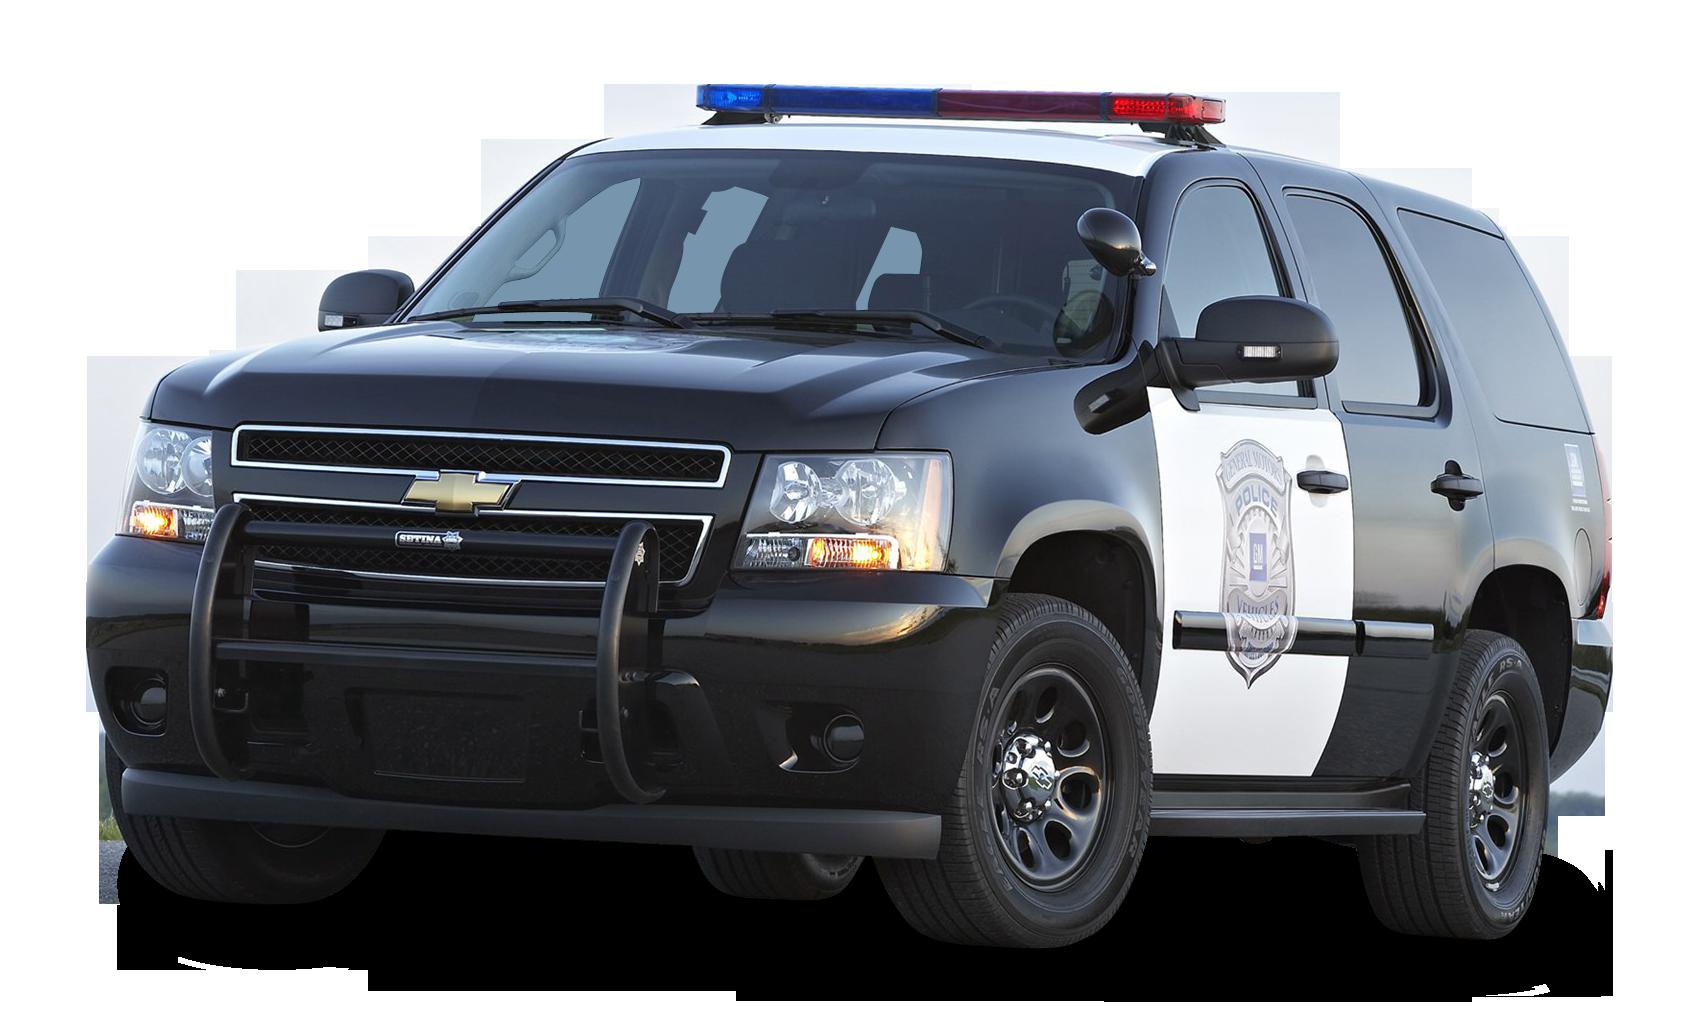 Police Car Png Image Carro De Policia Viatura Carros